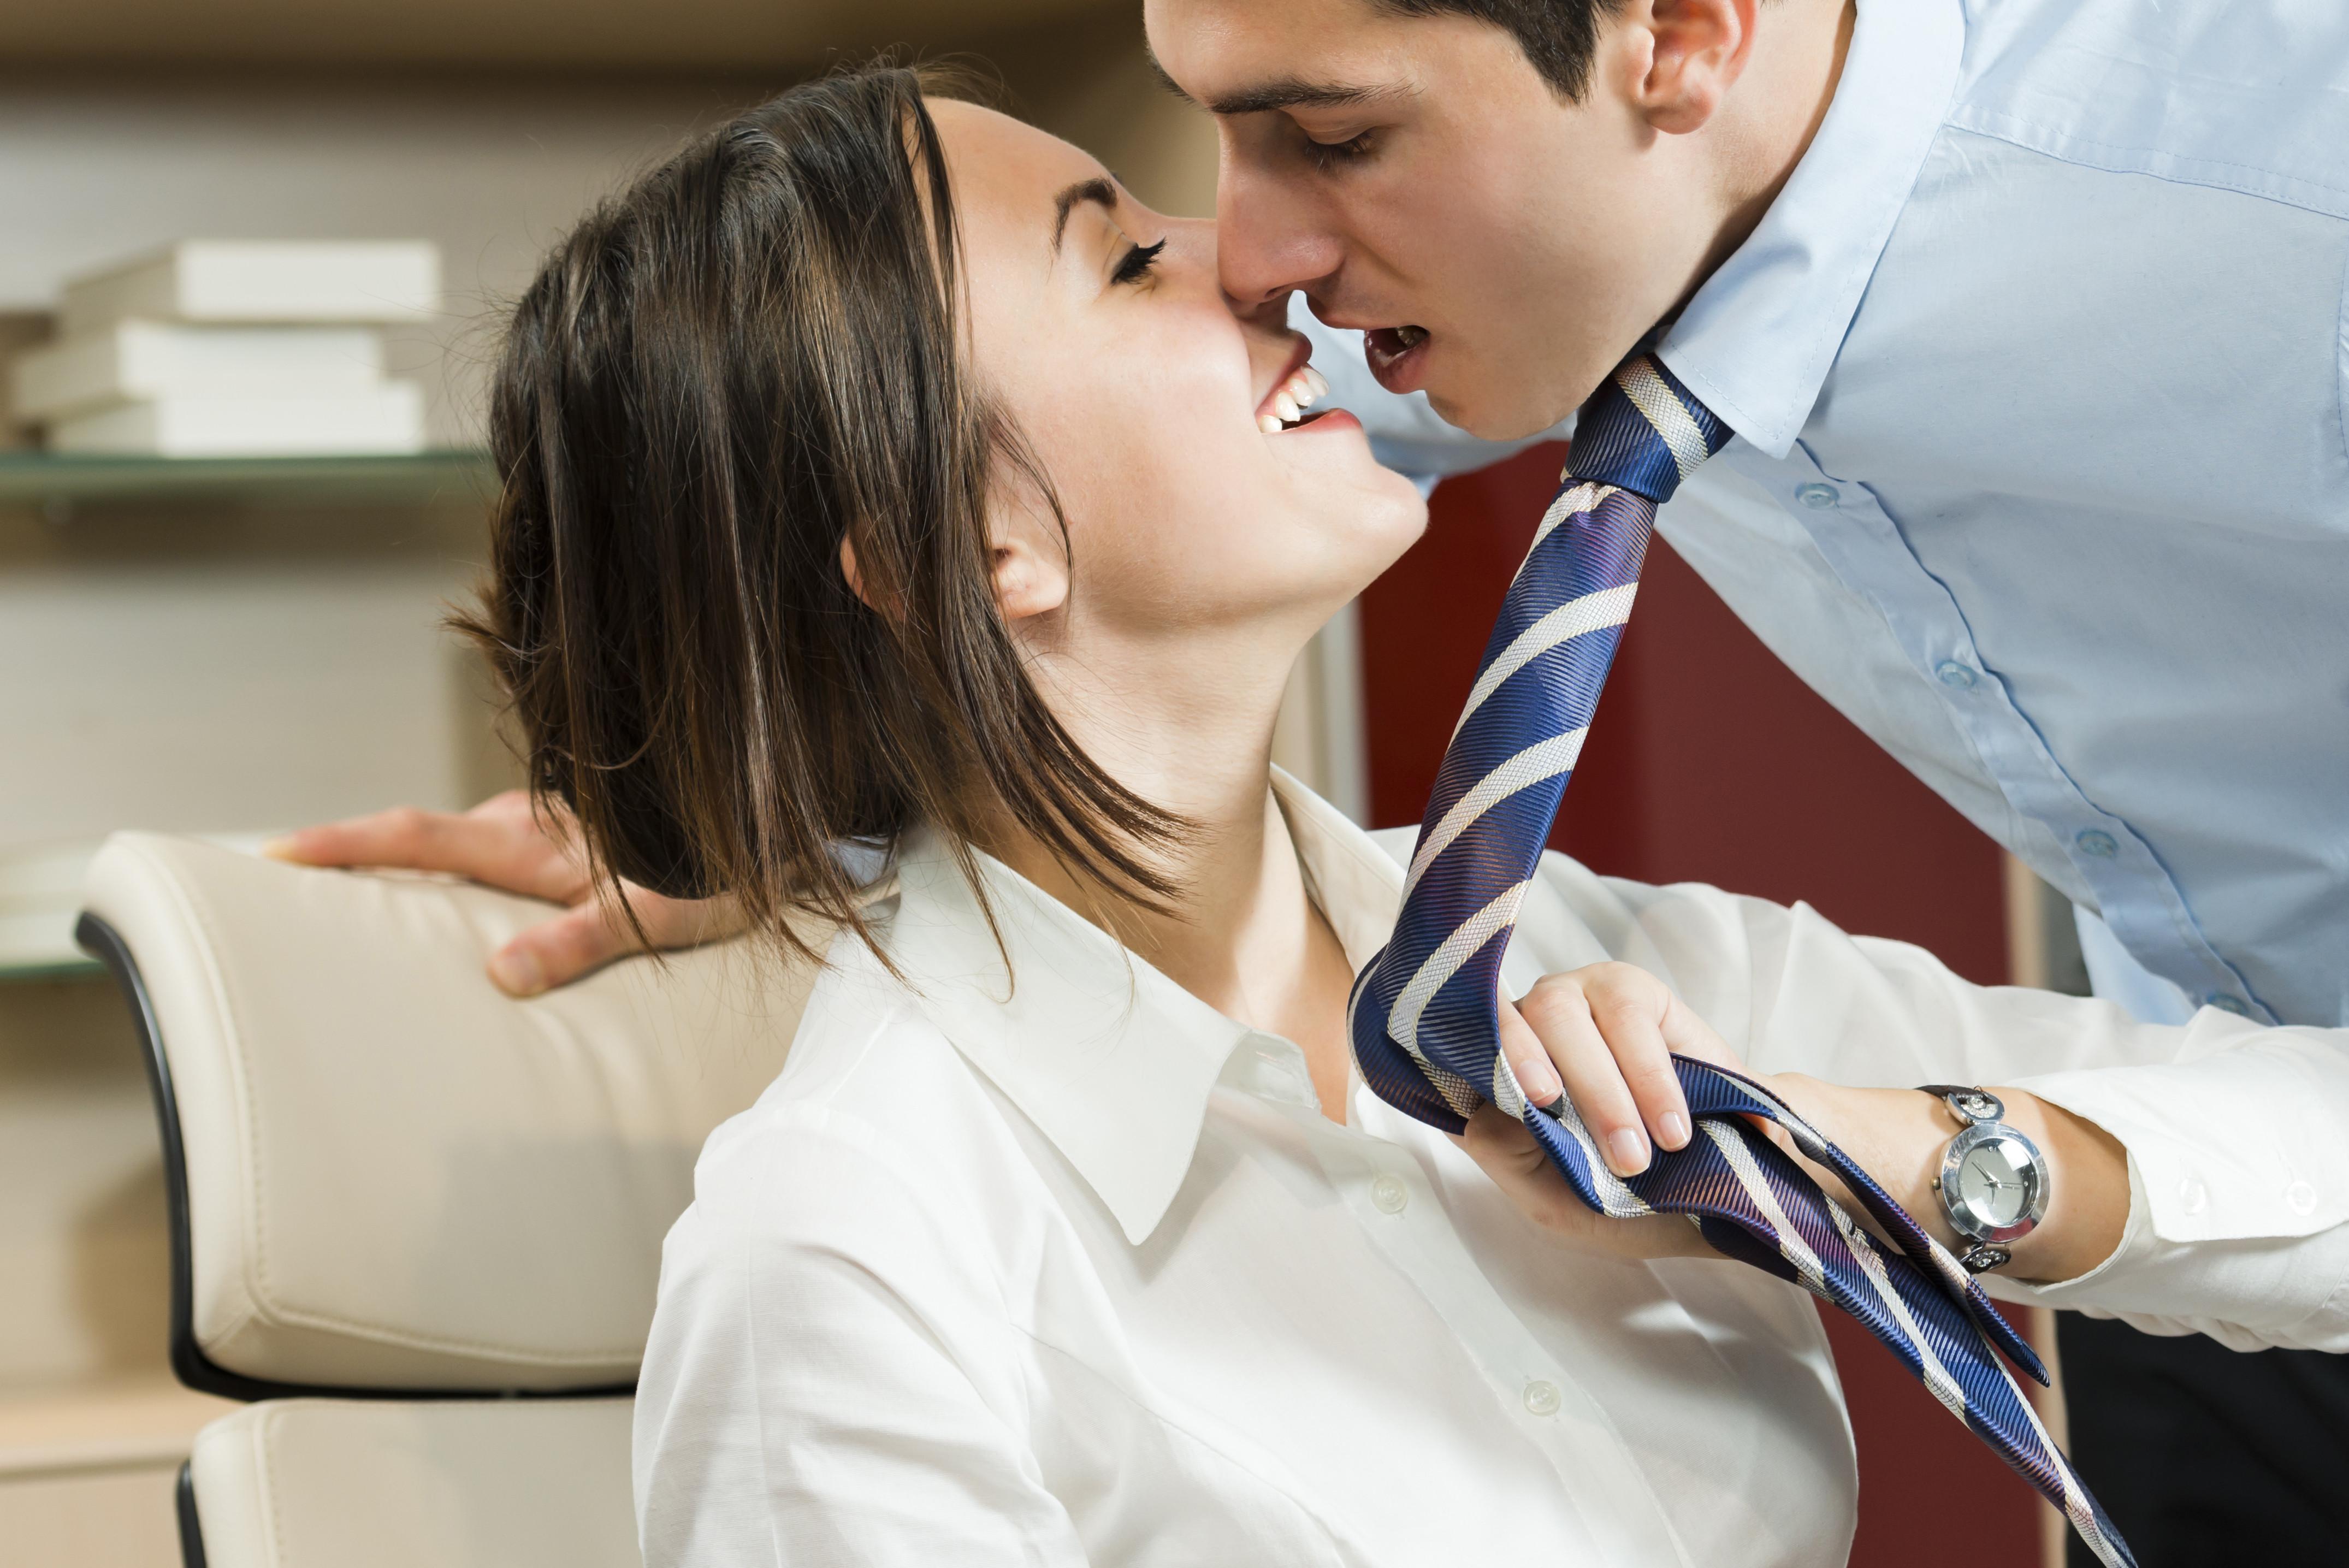 Para 40% das mulheres traição começa no local de trabalho